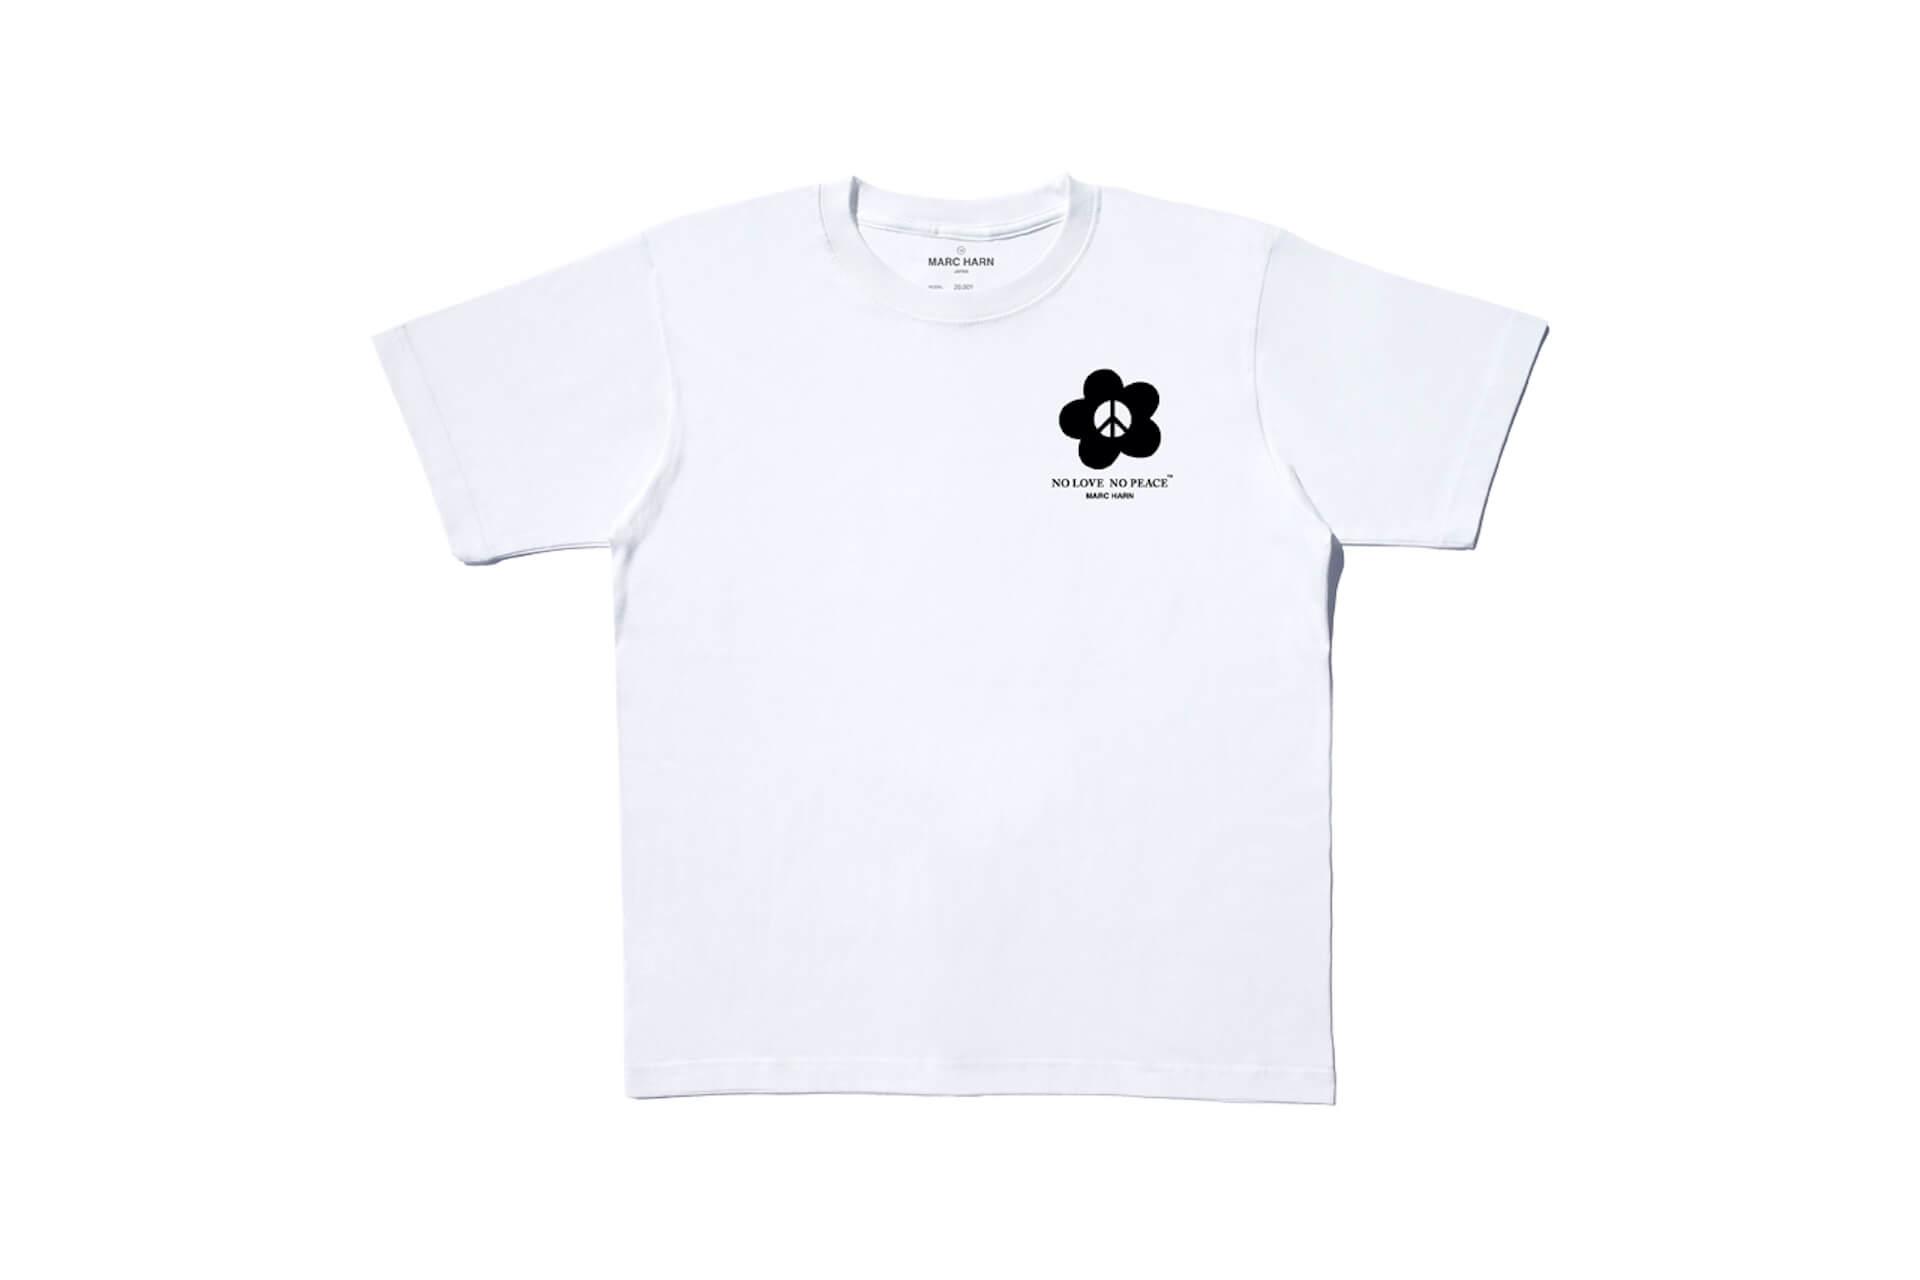 ファレル・ウィリアムス、VANSが認めたMASAの「MARC HARN」が新作の受注受付を開始!Tシャツやキャップなど12アイテム lf200618_marcharn_02